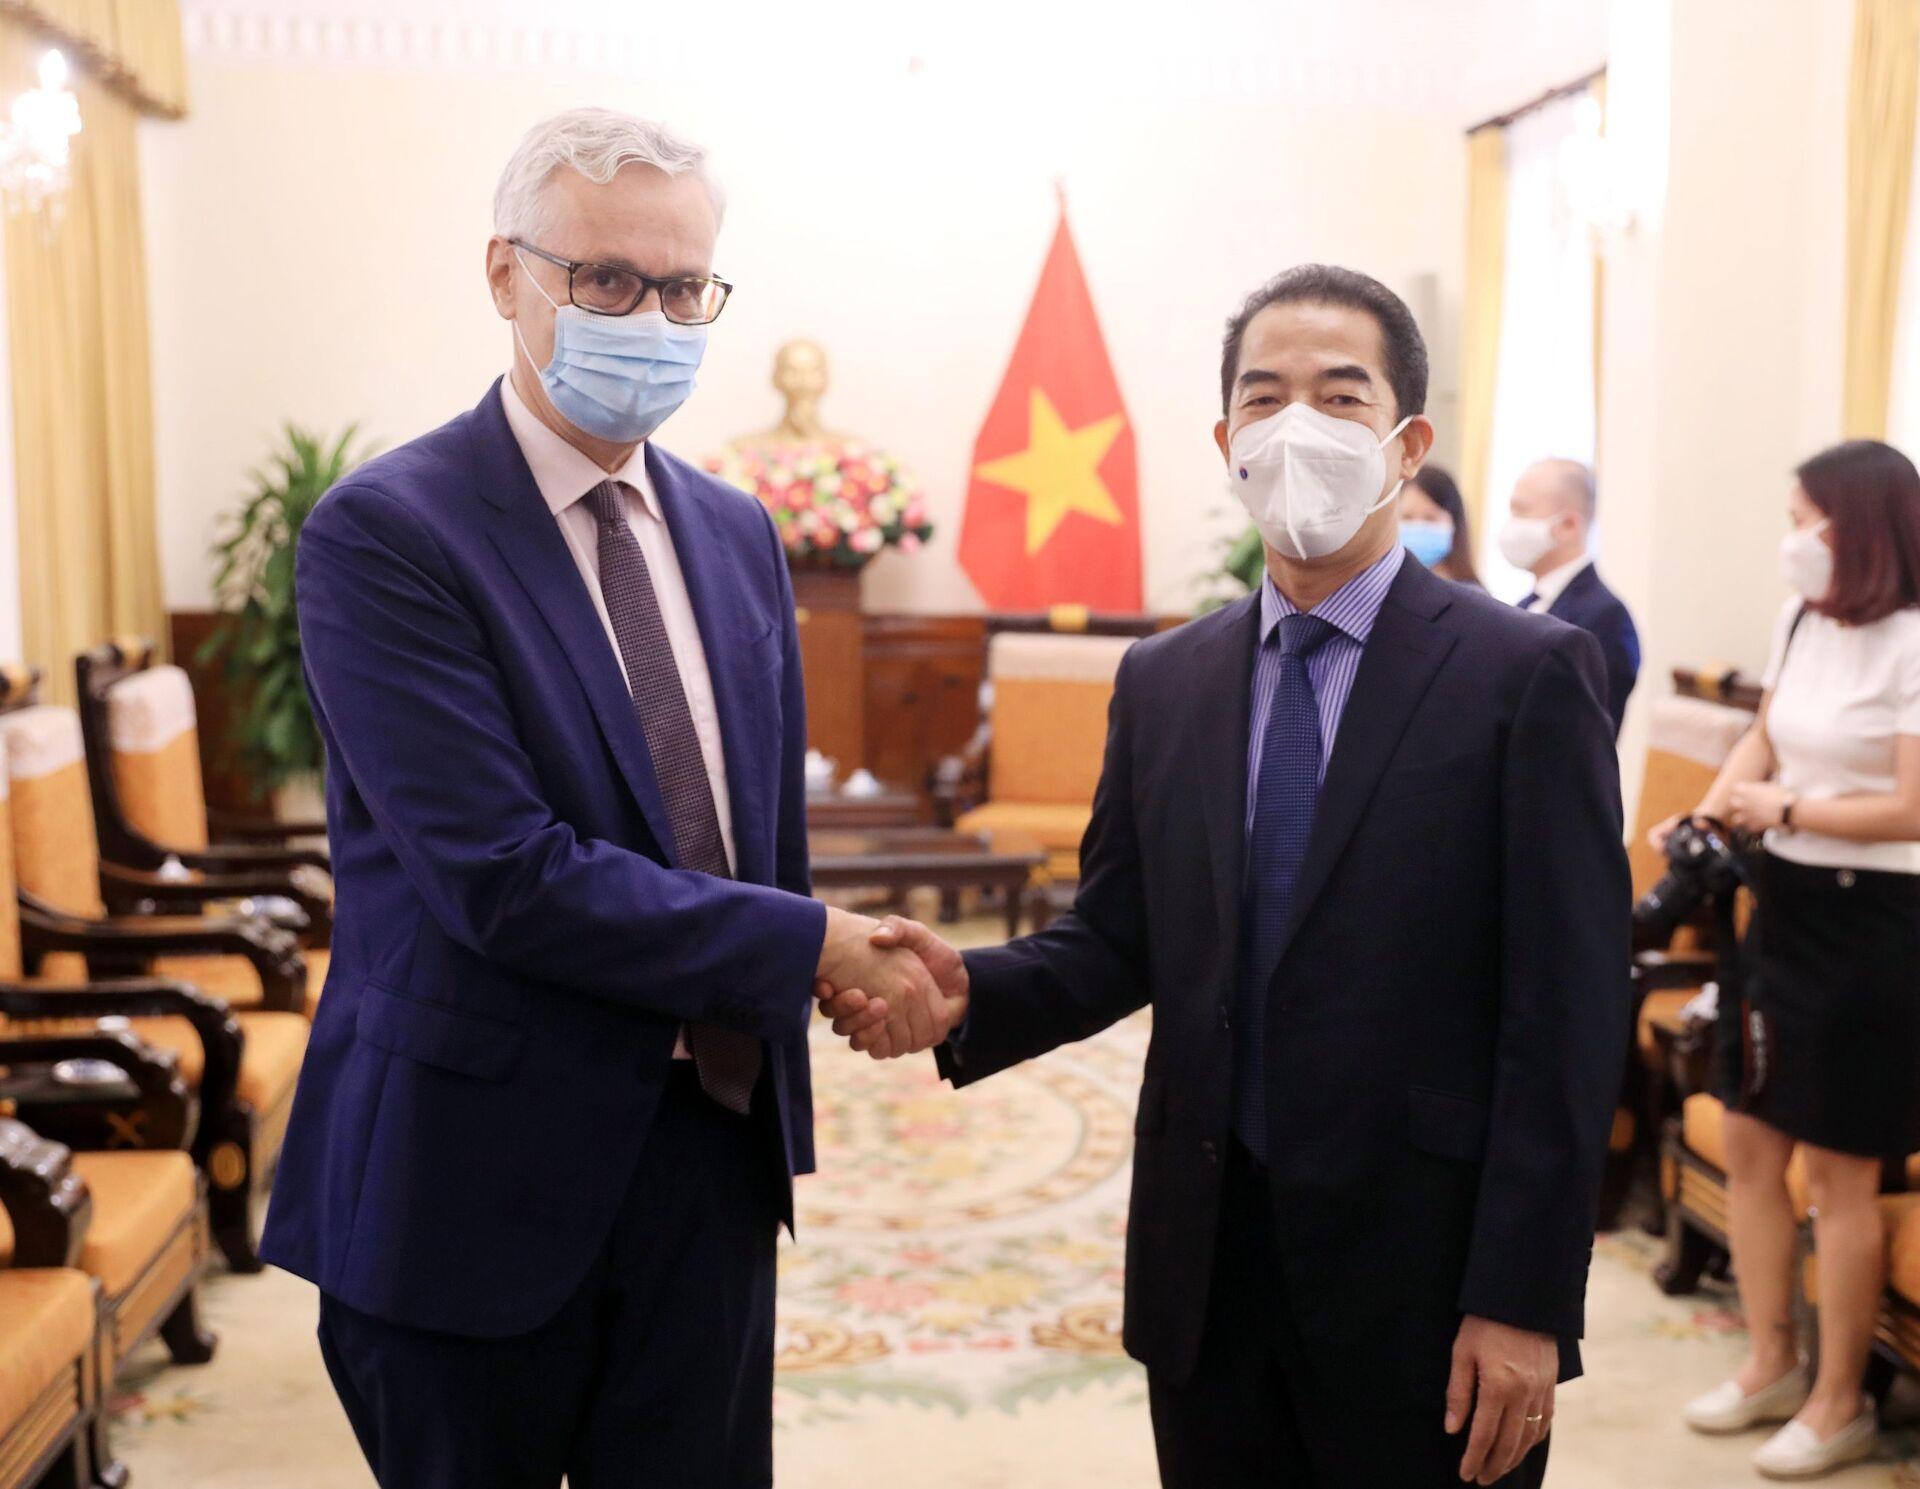 Thứ trưởng Ngoại giao Tô Anh Dũng với Đại sứ Đức tại Việt Nam Guido Hildner dự lễ tiếp nhận. - Sputnik Việt Nam, 1920, 05.10.2021